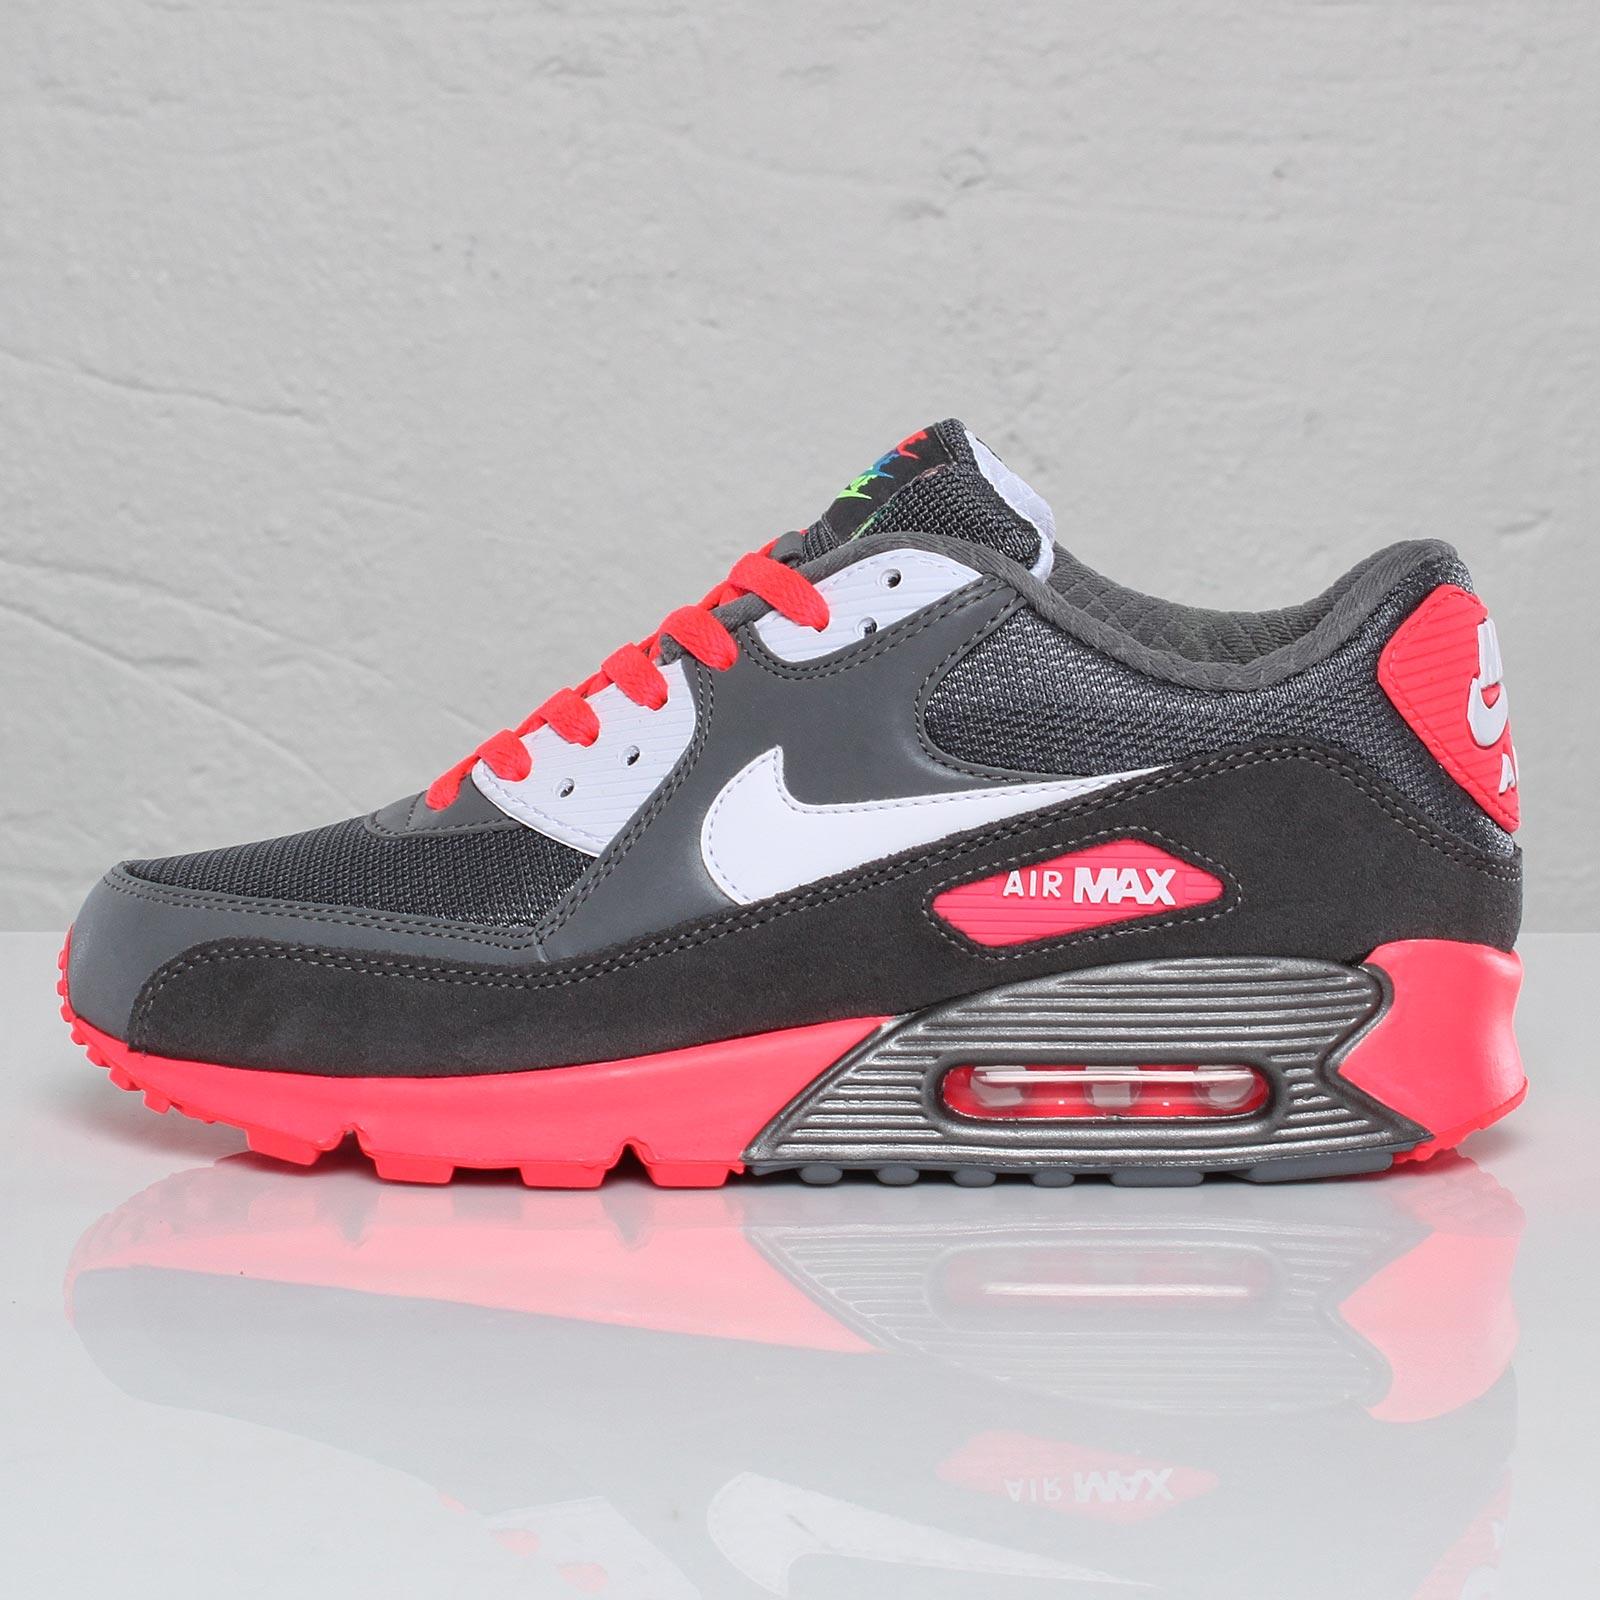 buy popular 42046 847bb Nike Air Max 90 - 101883 - Sneakersnstuff   sneakers   streetwear online  since 1999